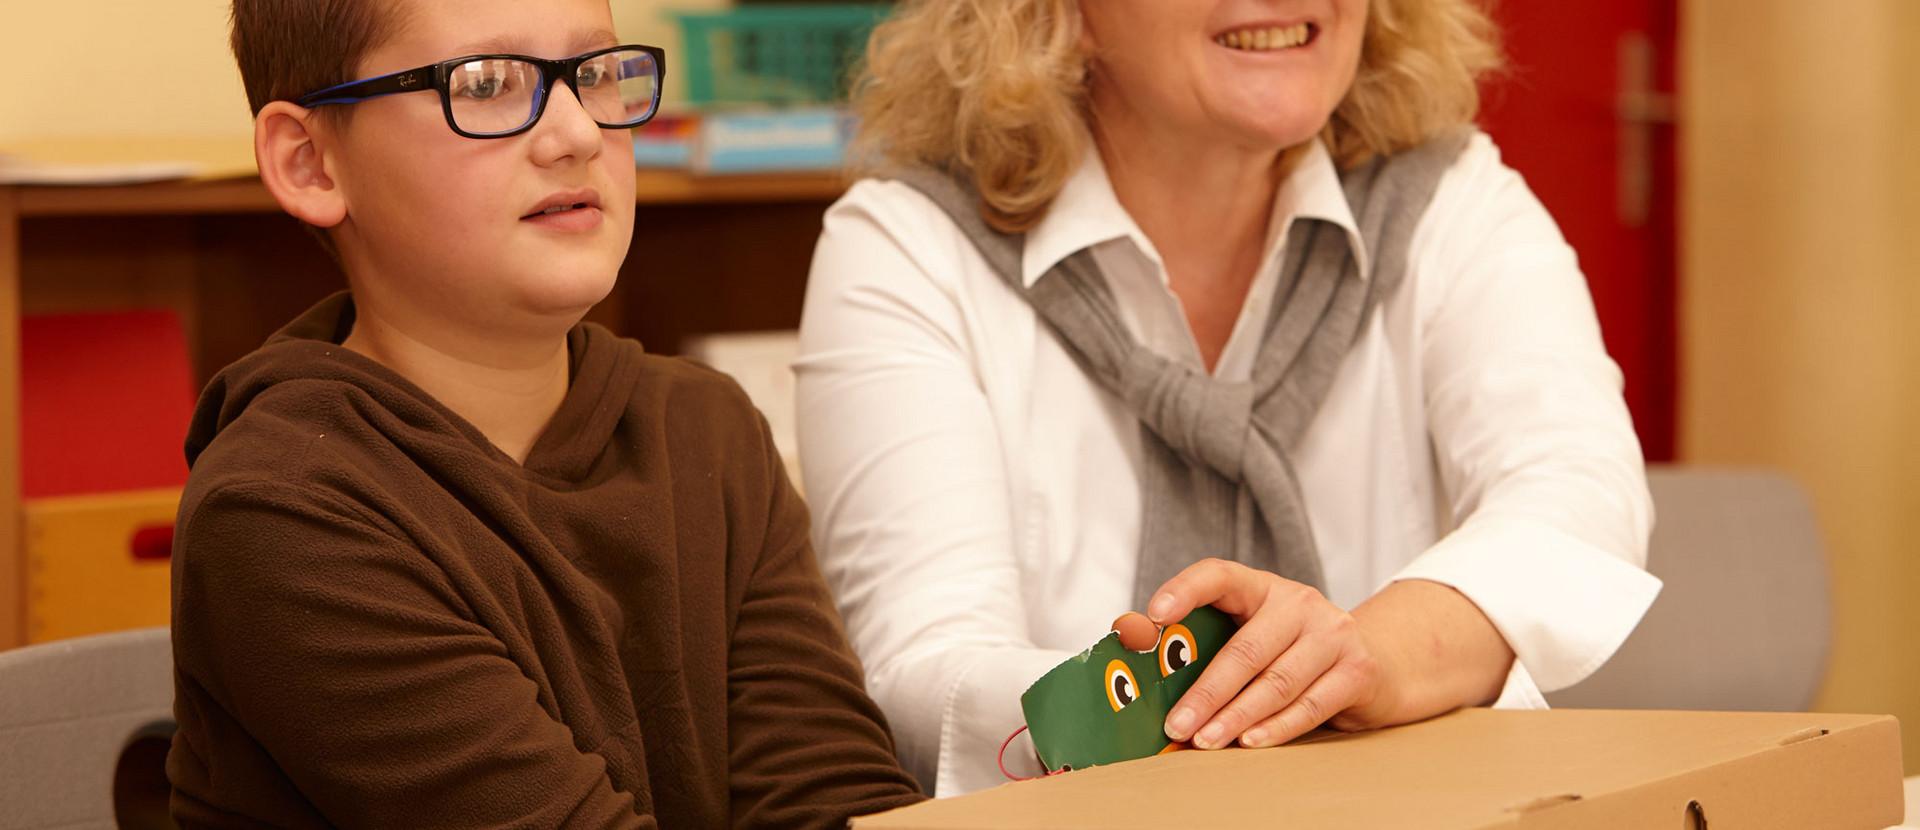 Junge neben einer Frau ertastet in einem Karton Lebensmittel